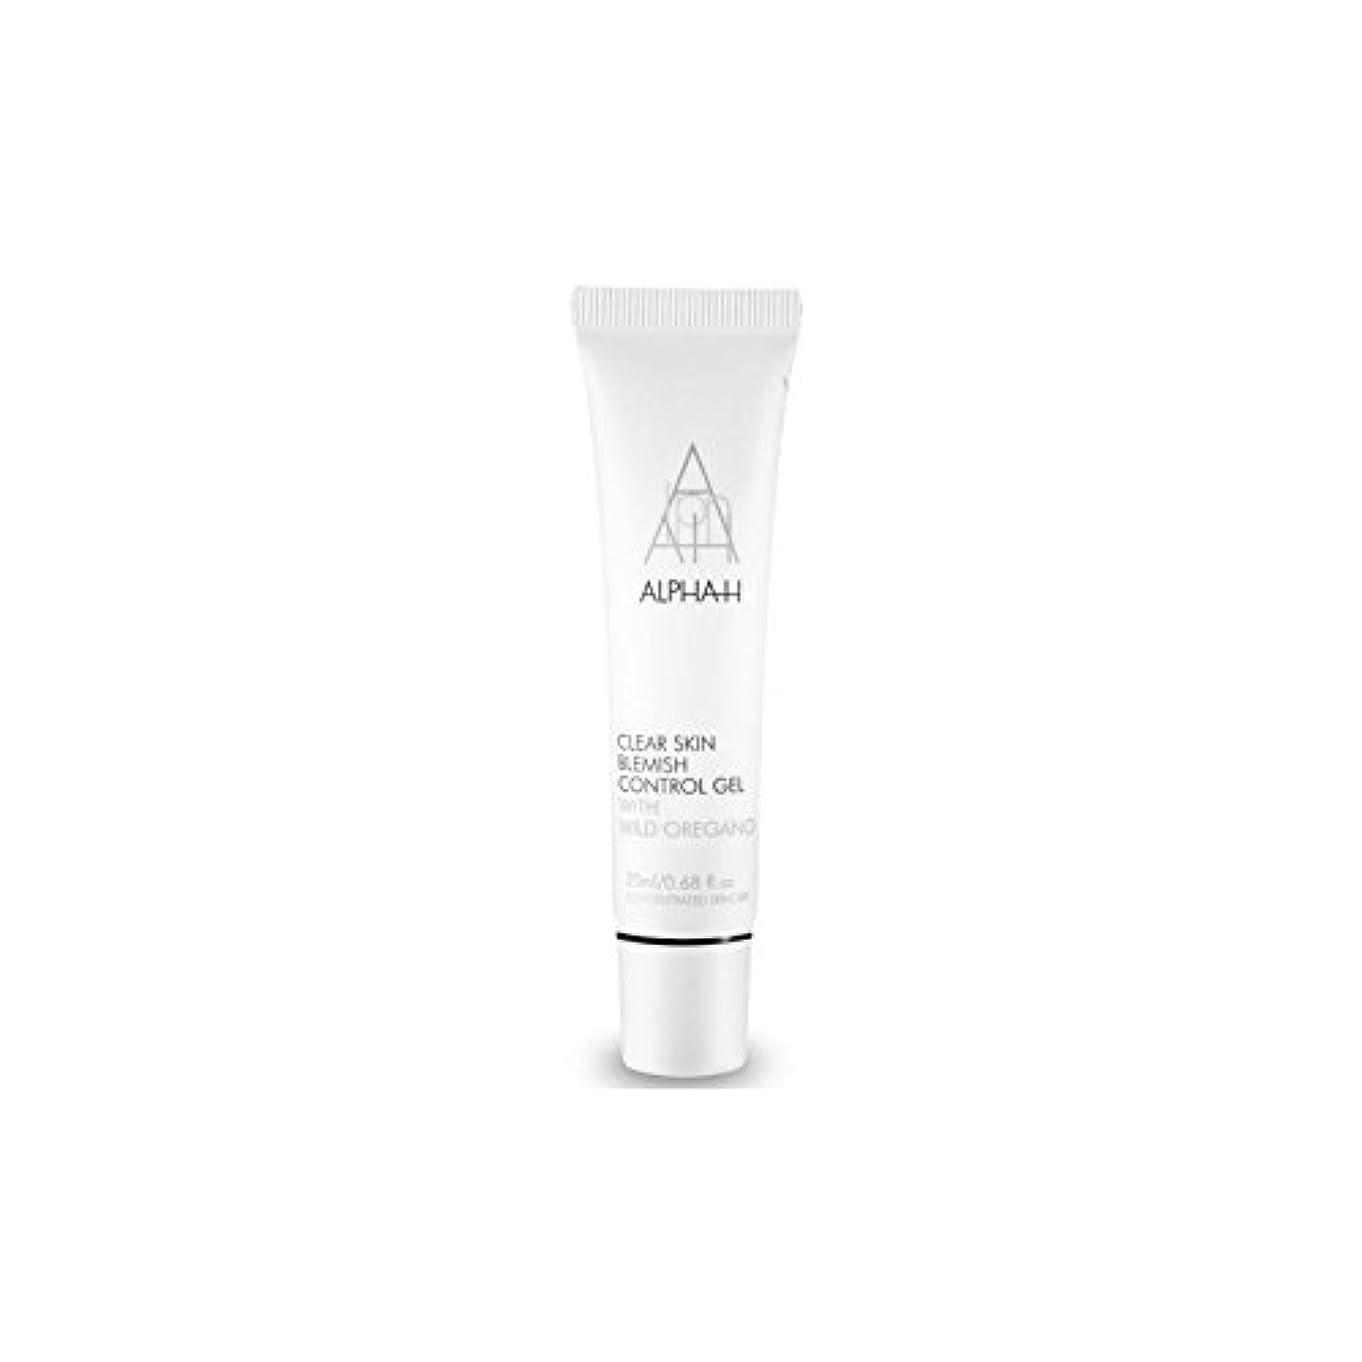 線形キッチン社説アルファクリア皮膚傷制御ゲル(20)中 x4 - Alpha-H Clear Skin Blemish Control Gel (20ml) (Pack of 4) [並行輸入品]